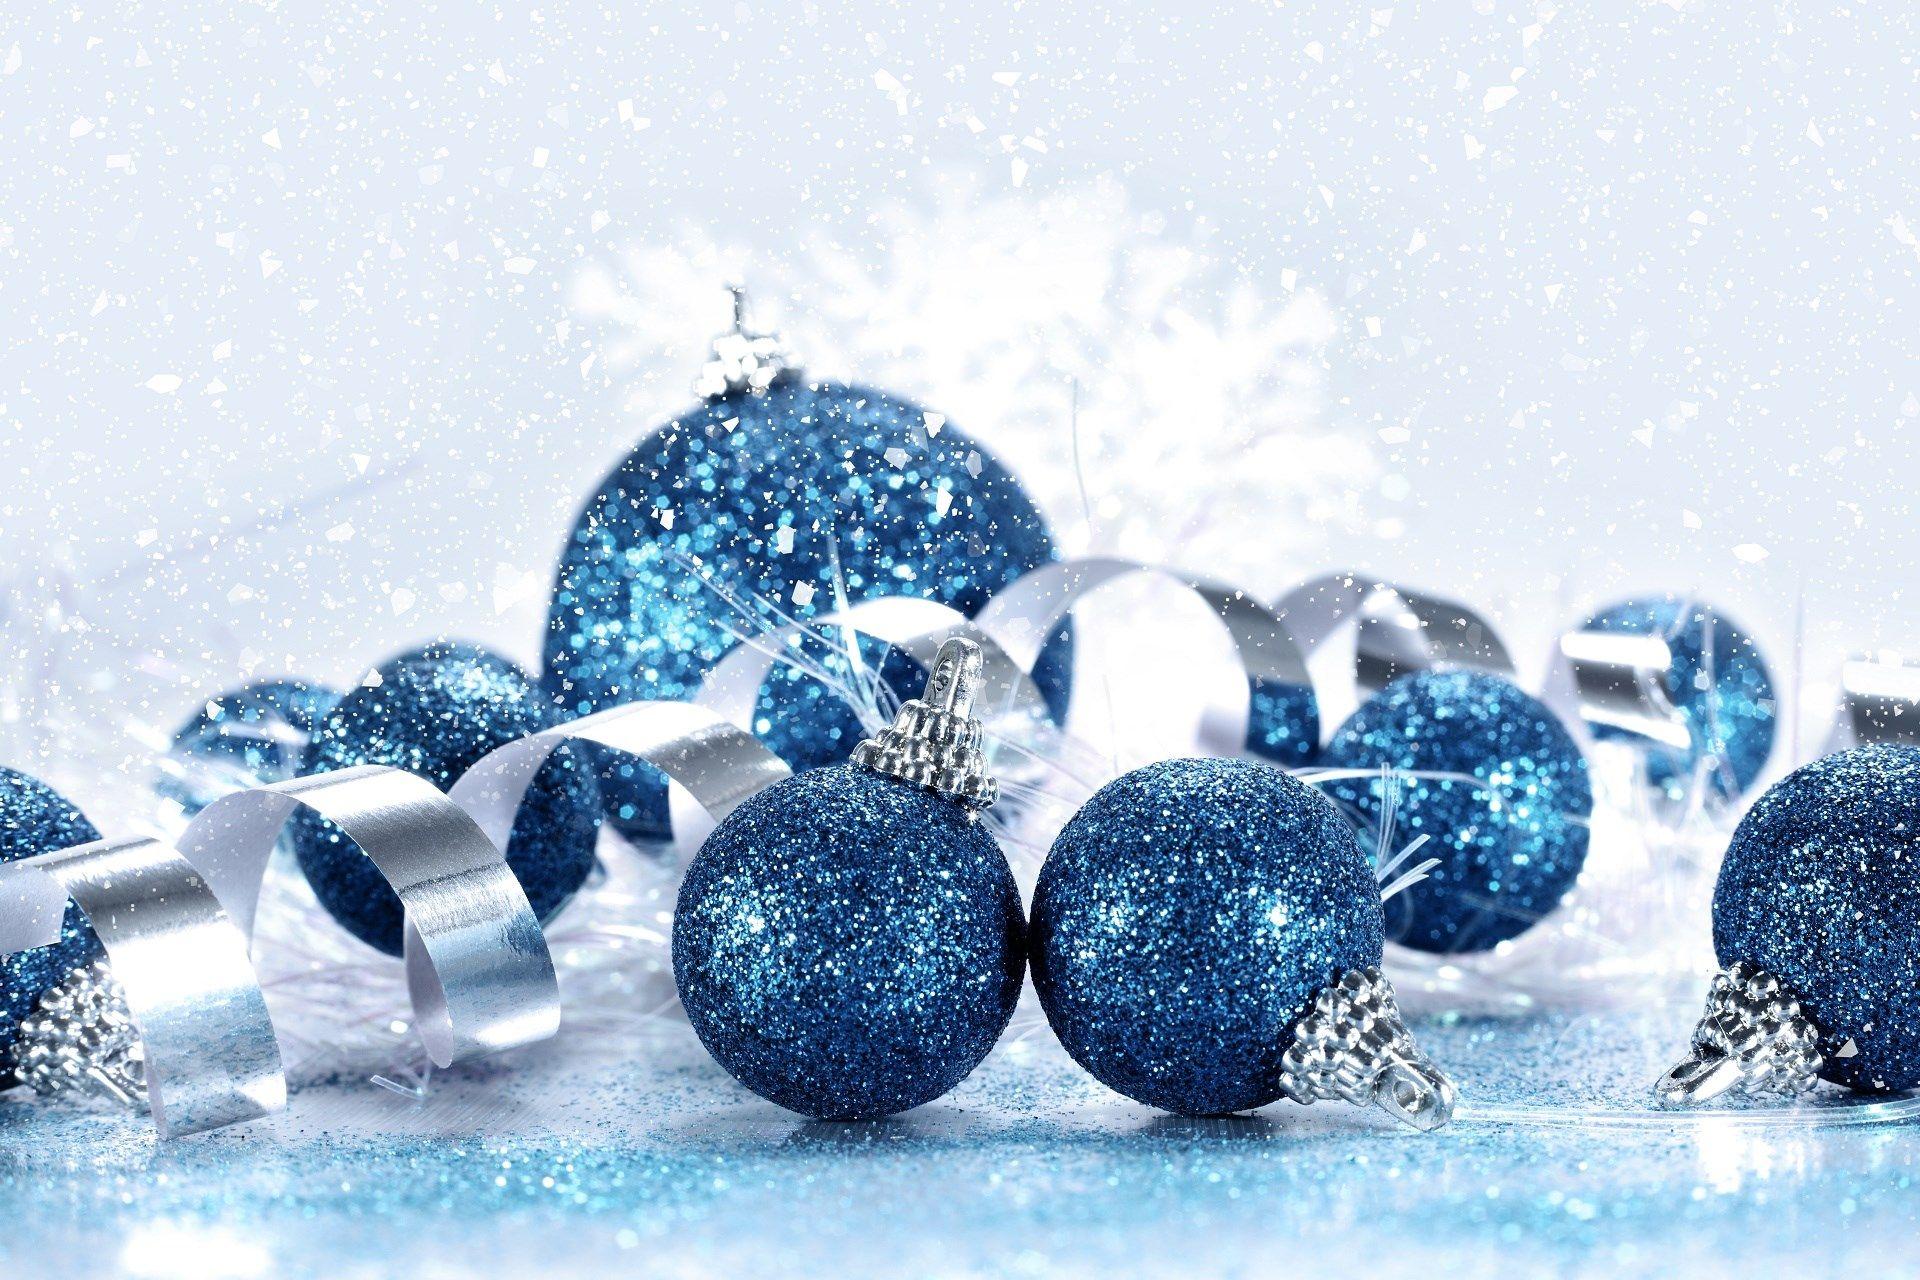 Christmas Image, Wall, Pic